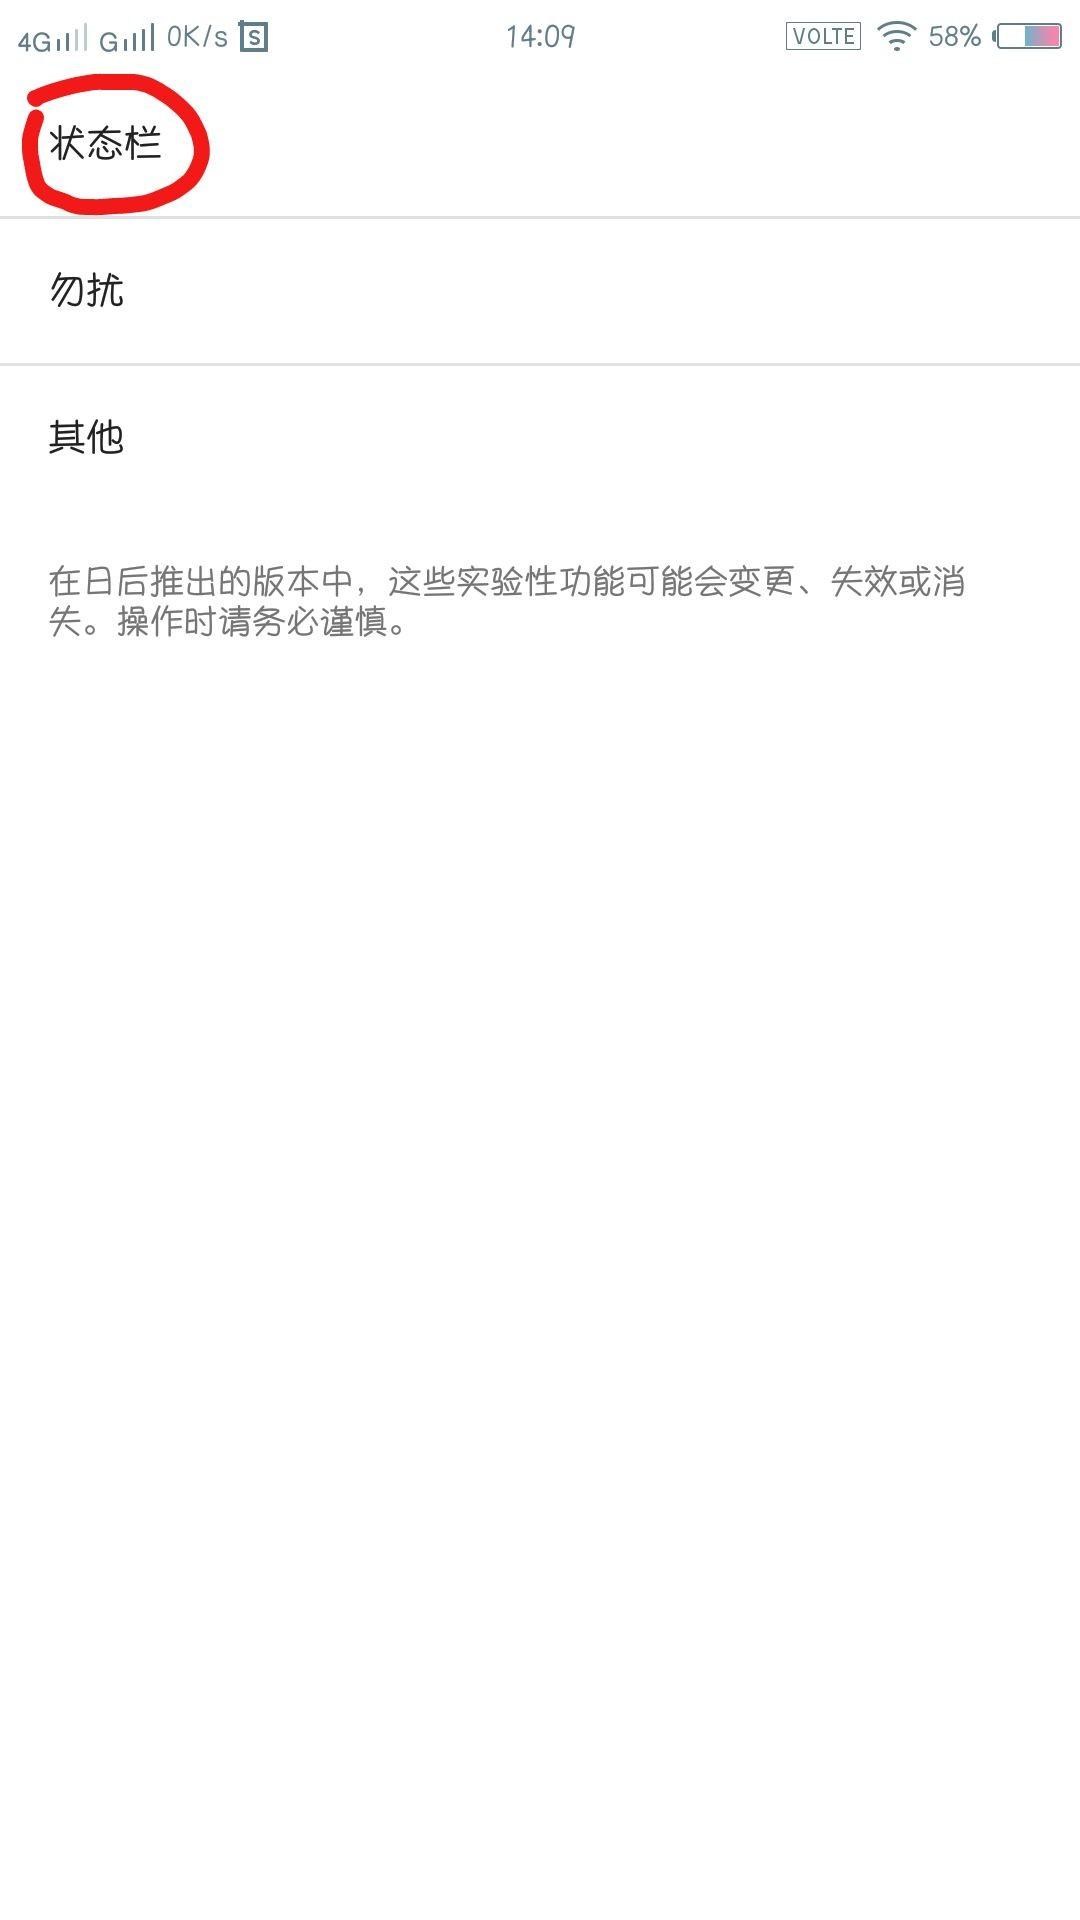 qq_pic_merged_1502950265559.jpg